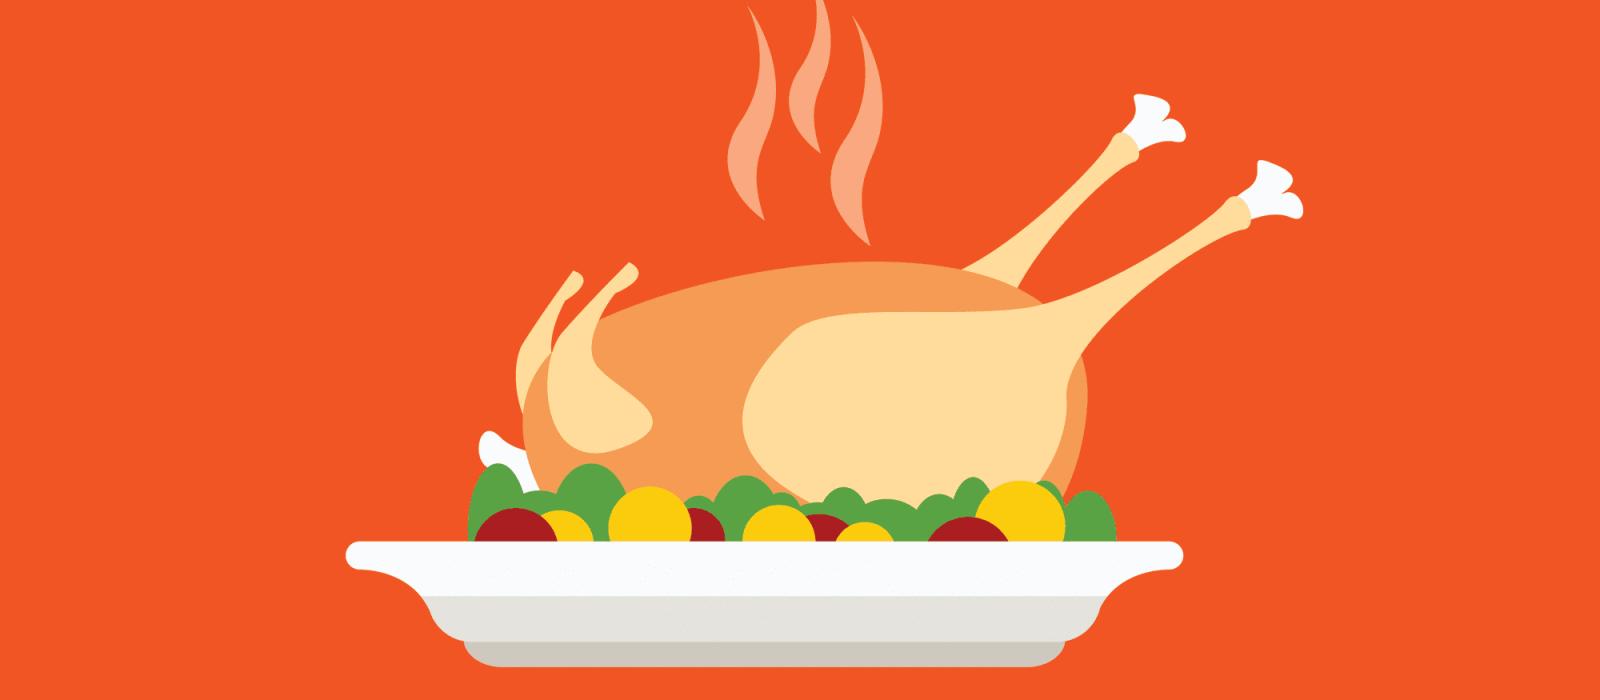 blog-image-turkey